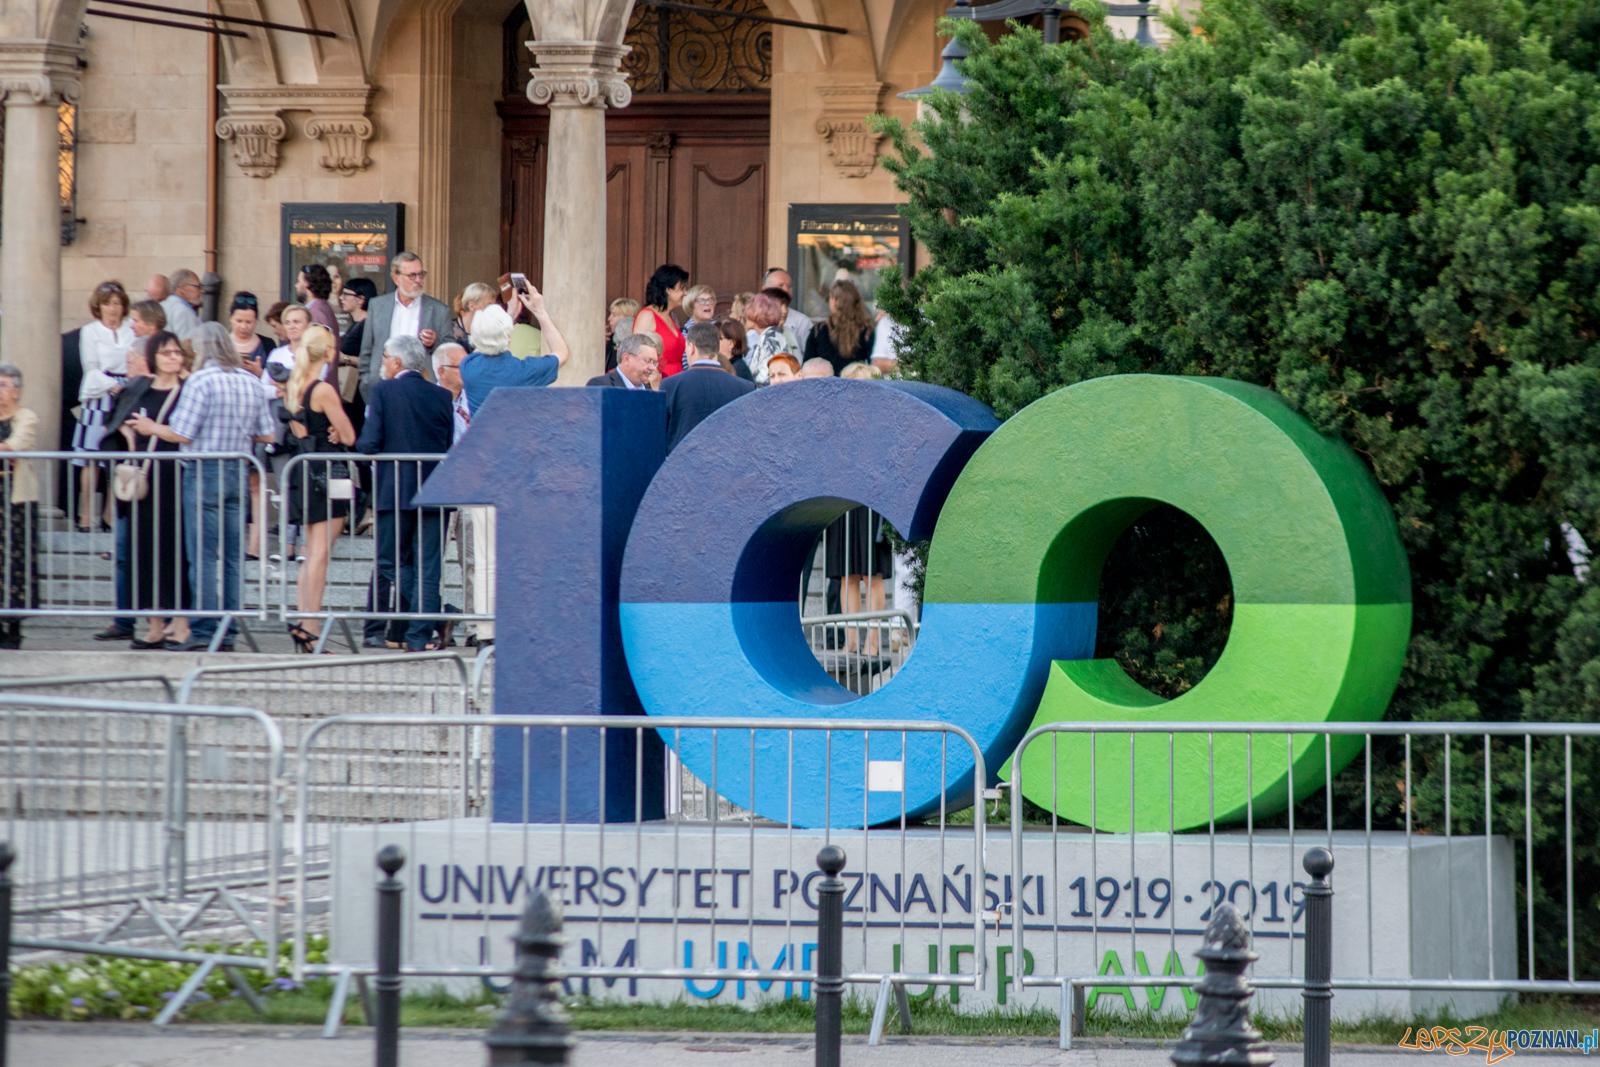 100-lecie Uniwersytetu Poznańskiego  Foto: lepszyPOZNAN.pl / Ewelina Jaśkowiak